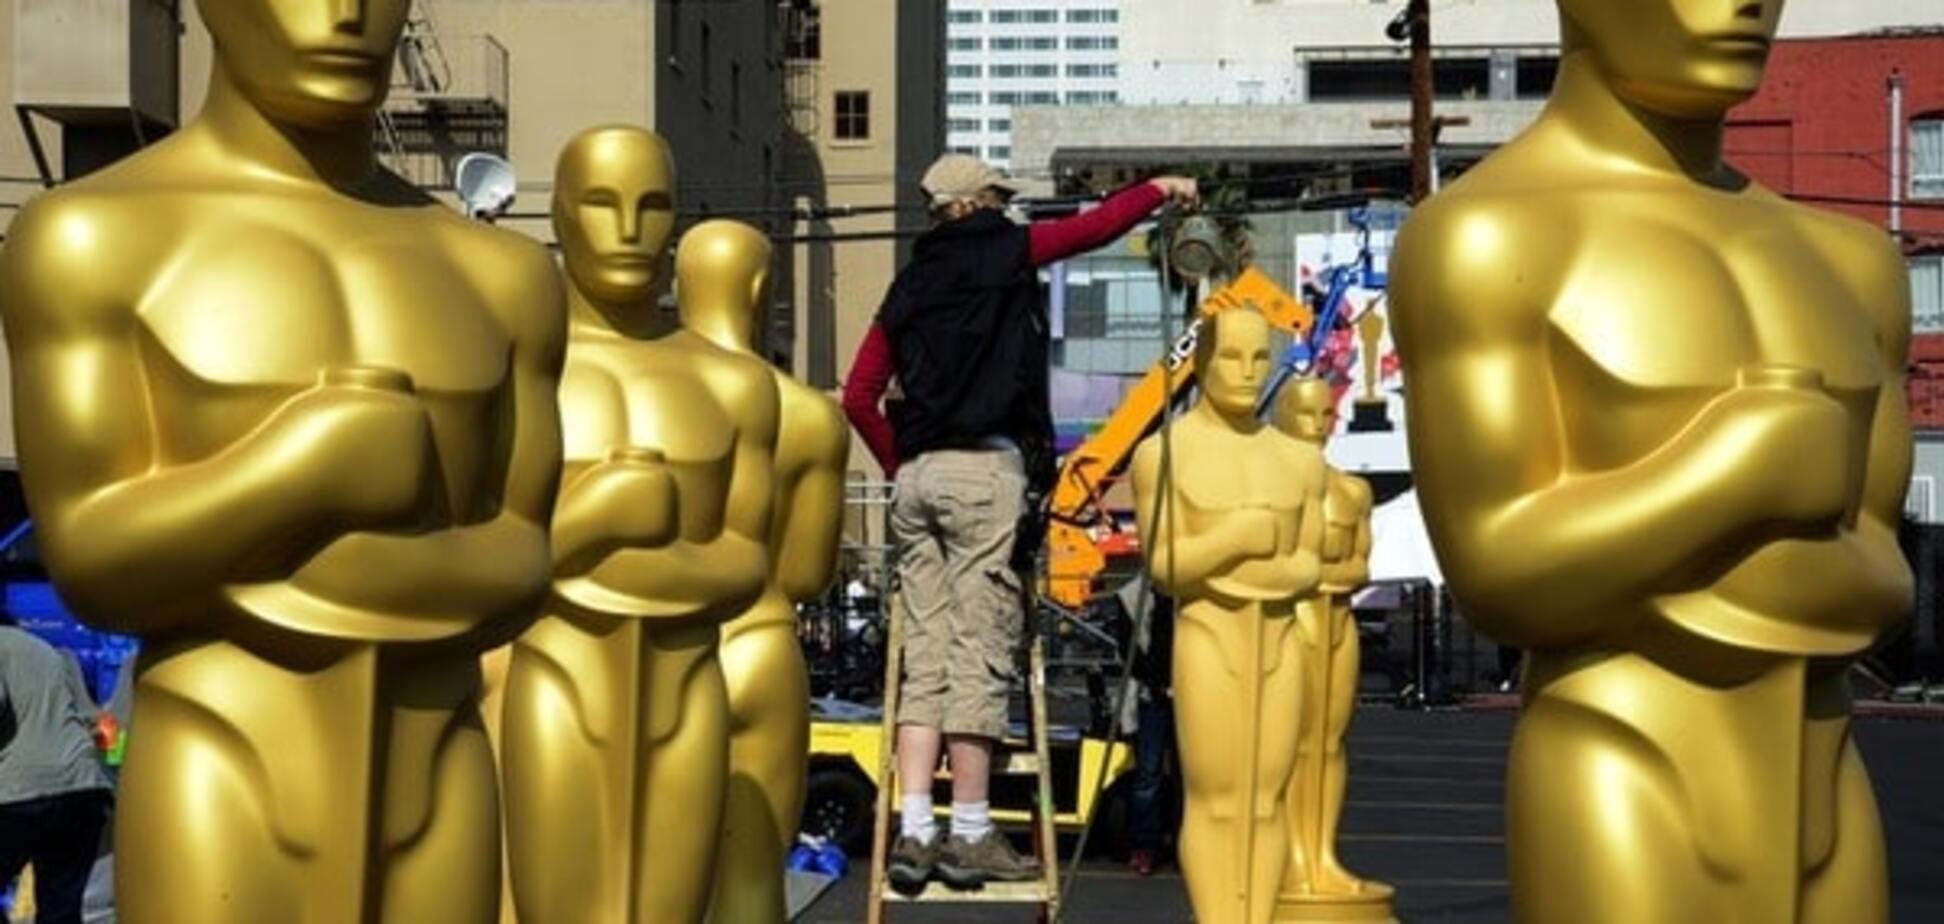 У США статуетці 'Оскар' повернуть зовнішній вигляд 1929 року